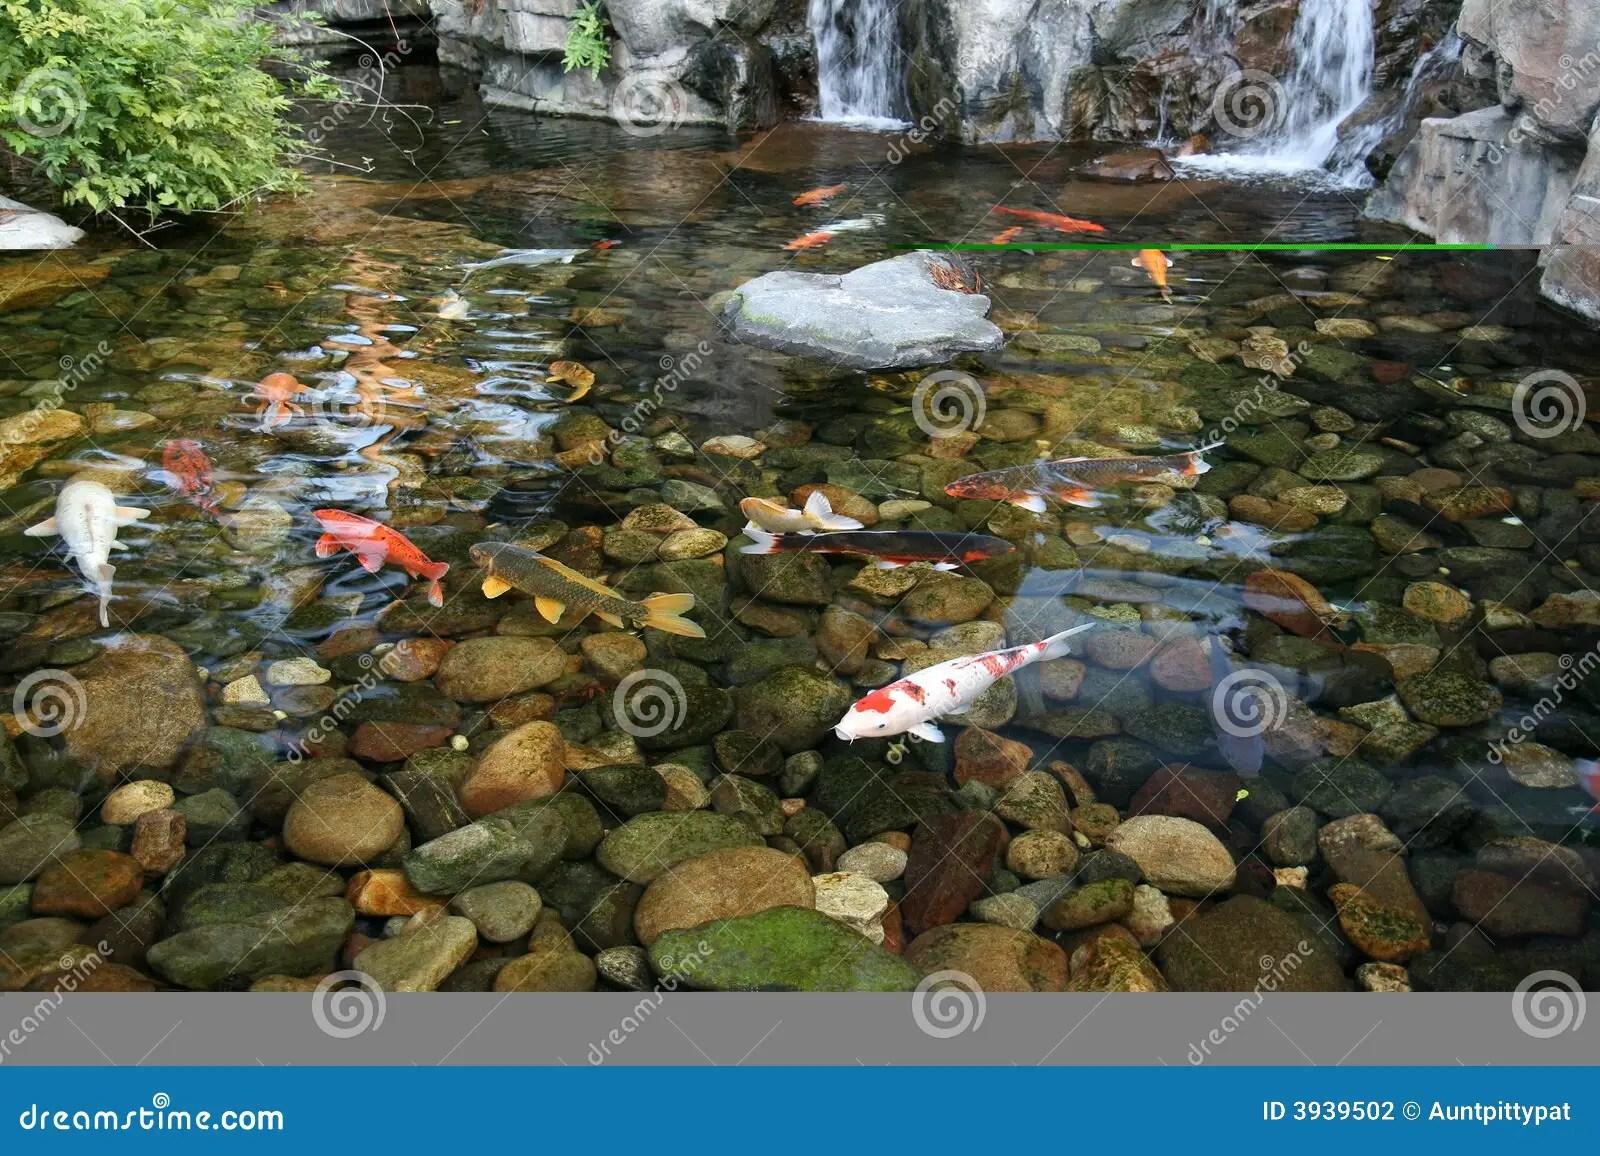 Japanischer Koi FischTeich Stockfotografie  Bild 3939502